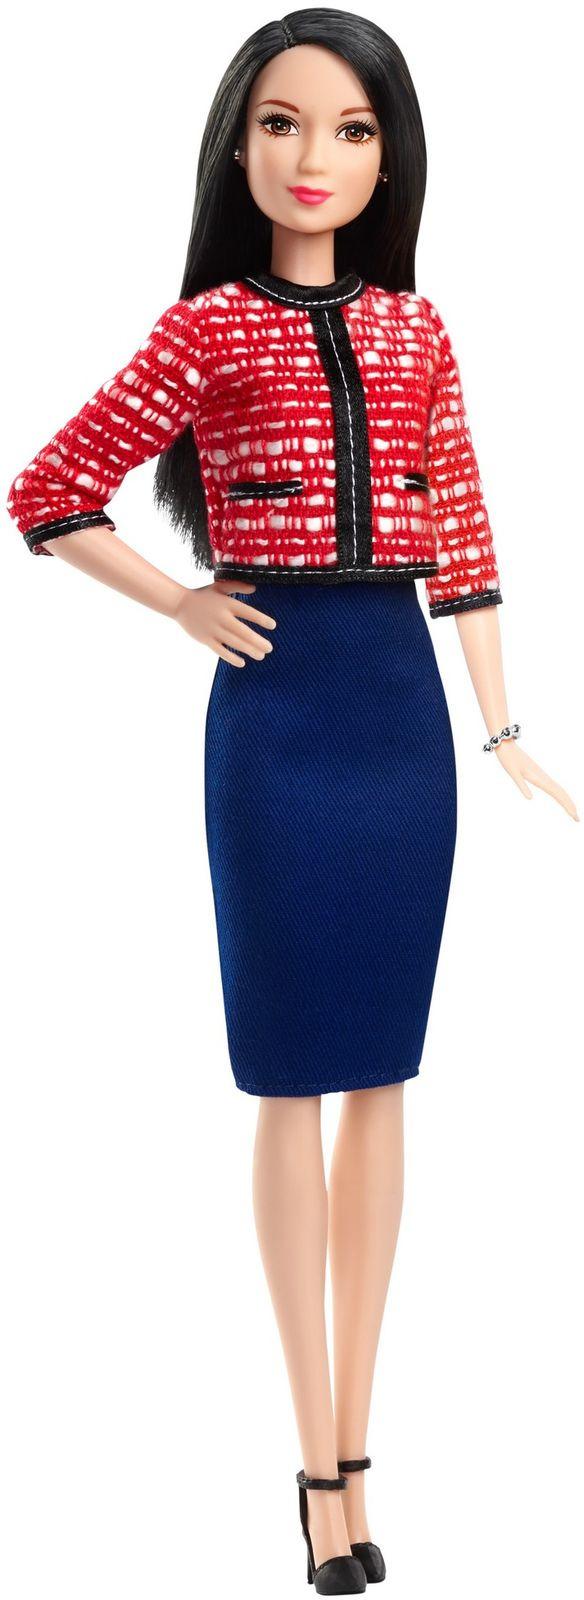 Кукла Barbie Кем быть? Политик, к 60-летию, GFX23_GFX28